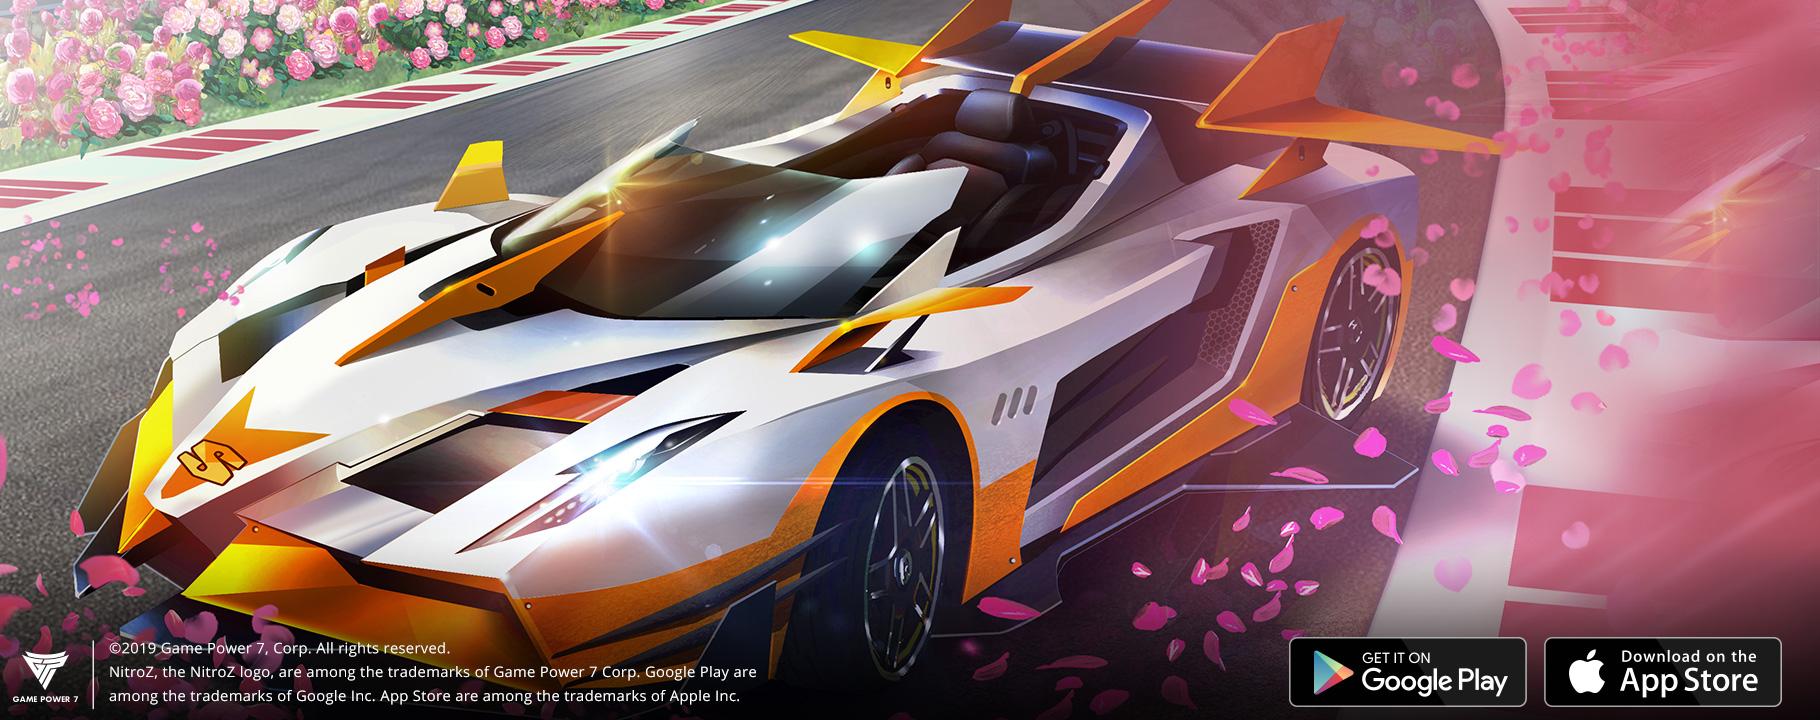 نايتروZ لعبة سباقات جديدة بأيدي عربية على أندرويد و iOS